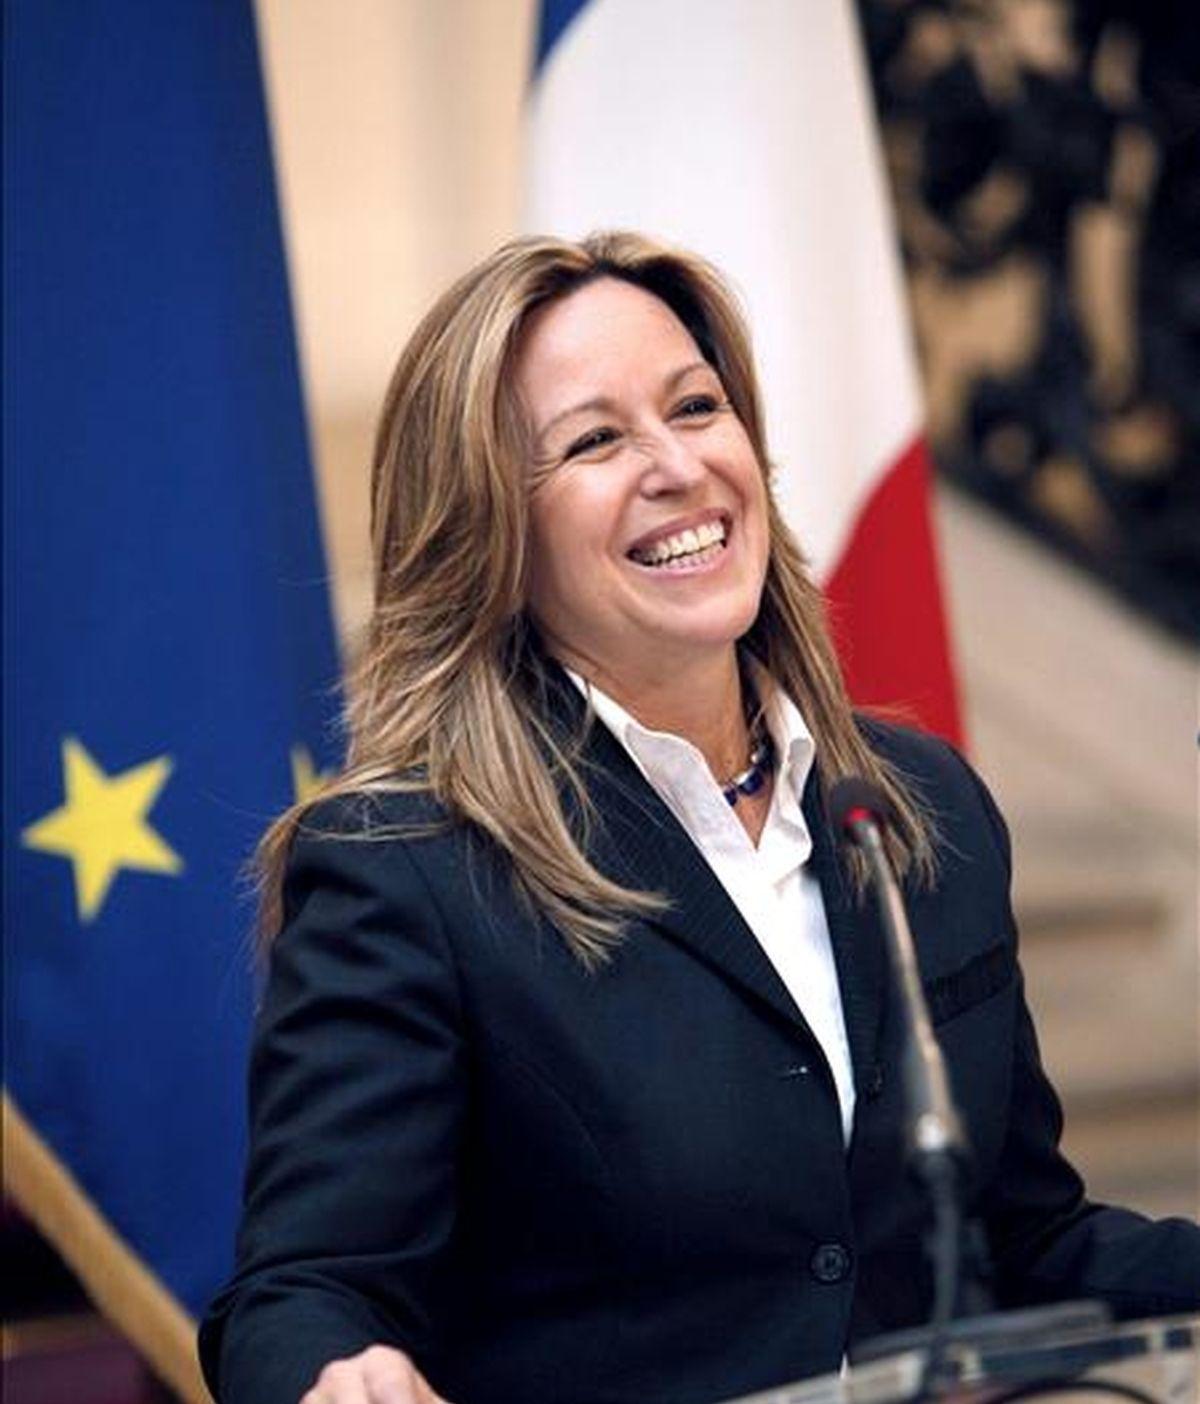 La ministra española de Asuntos Exteriores, Trinidad Jiménez. EFE/Archivo